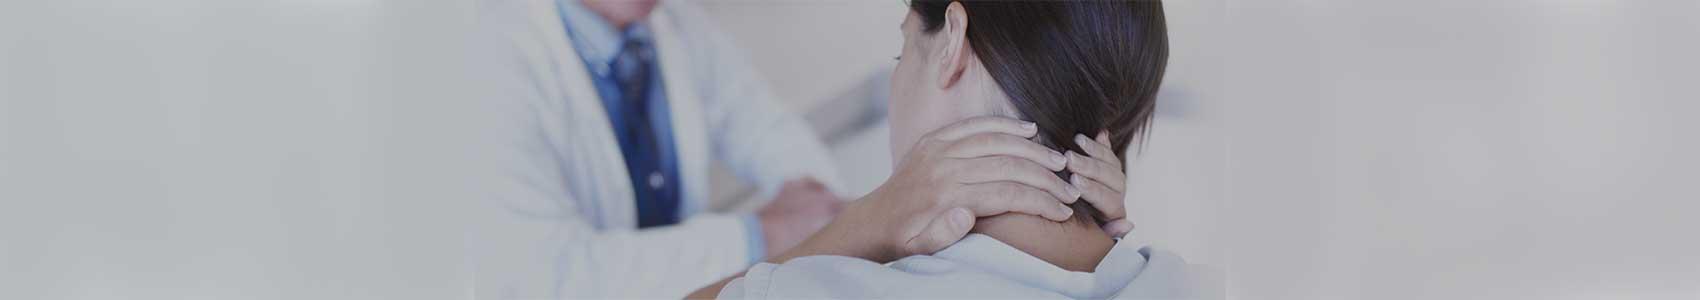 , Pain Management